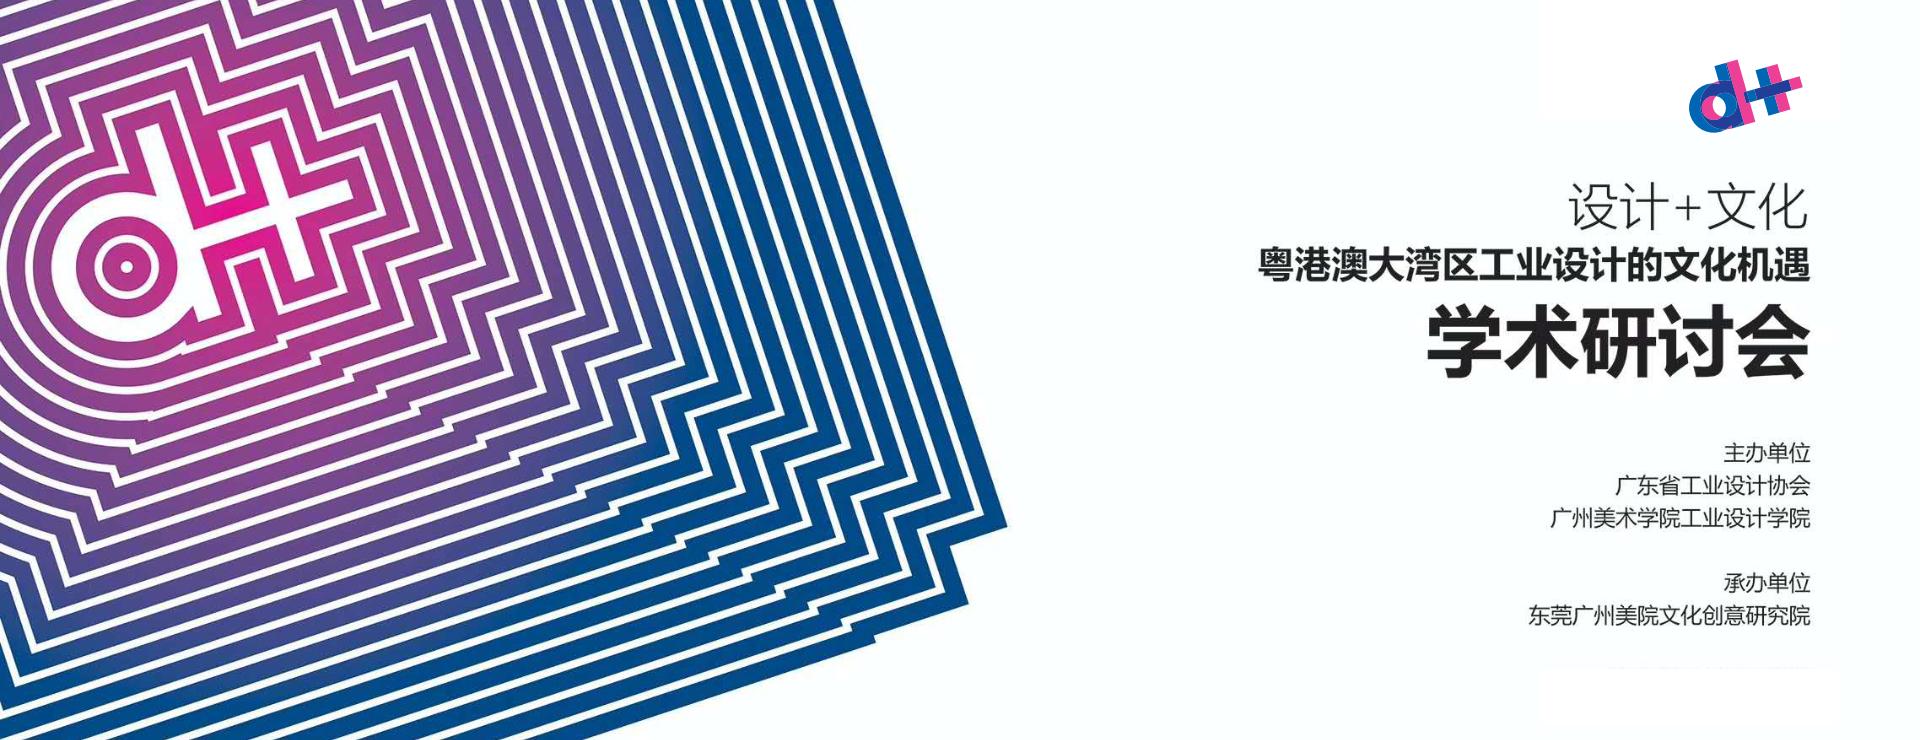 《粤港澳大湾区工业设计的文化机遇》学术研讨会